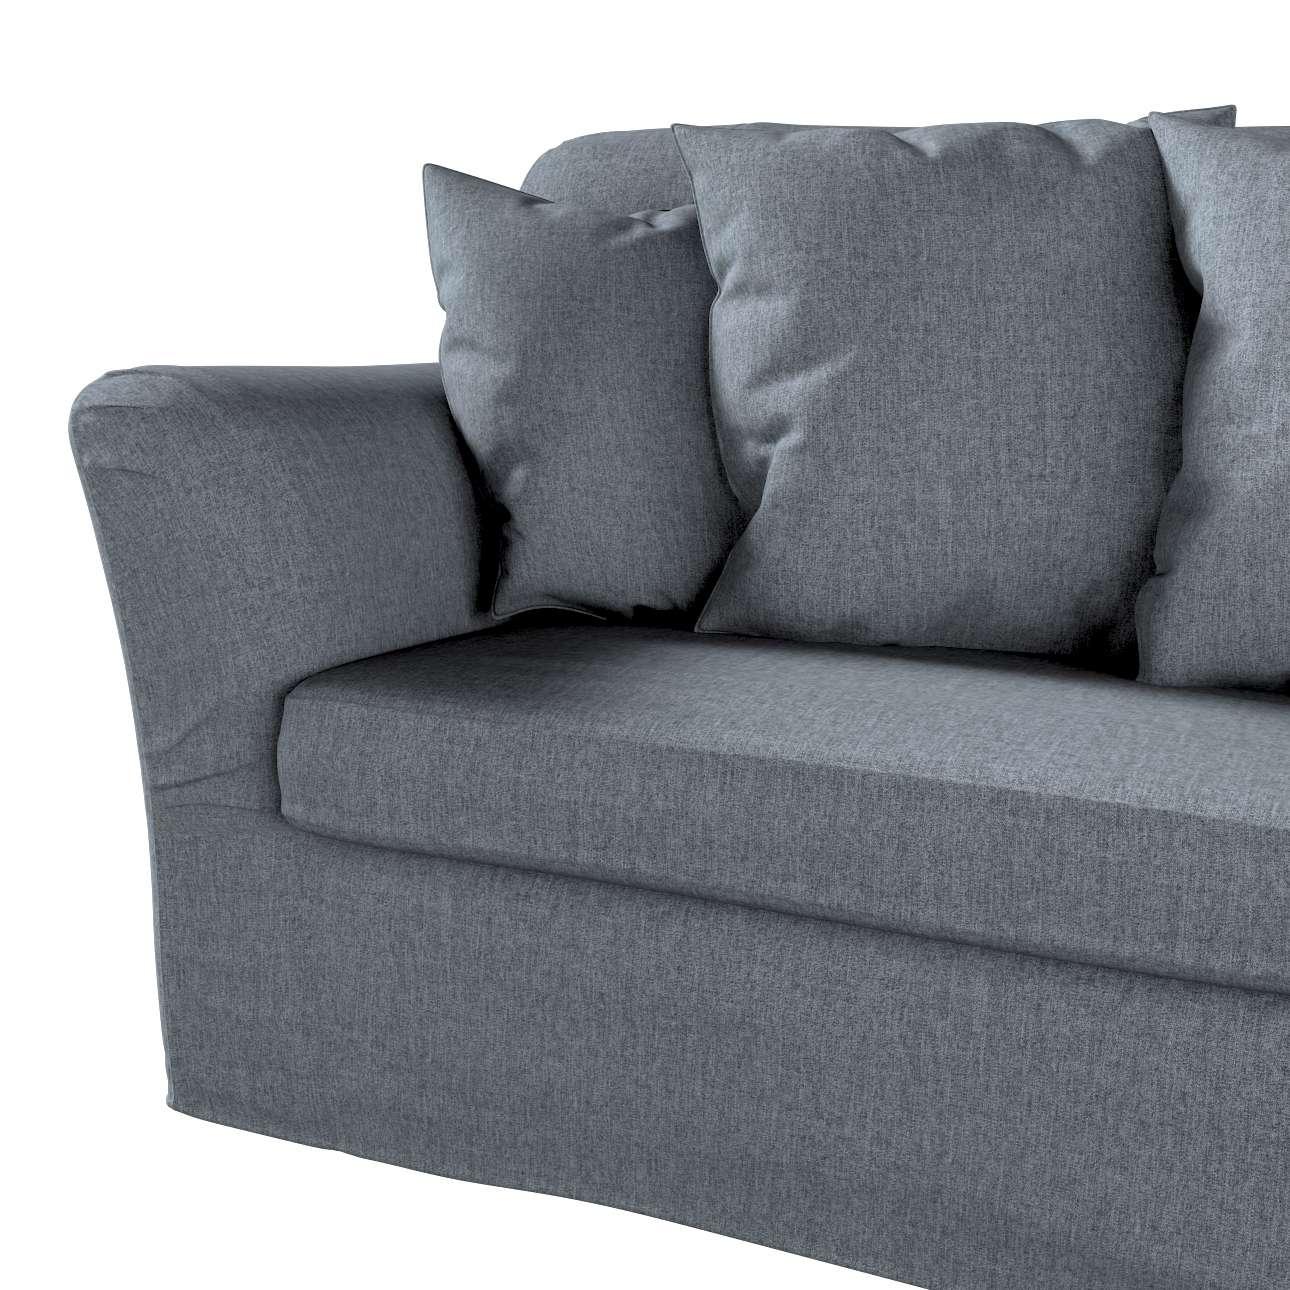 Pokrowiec na sofę Tomelilla 3-osobową rozkładaną w kolekcji City, tkanina: 704-86